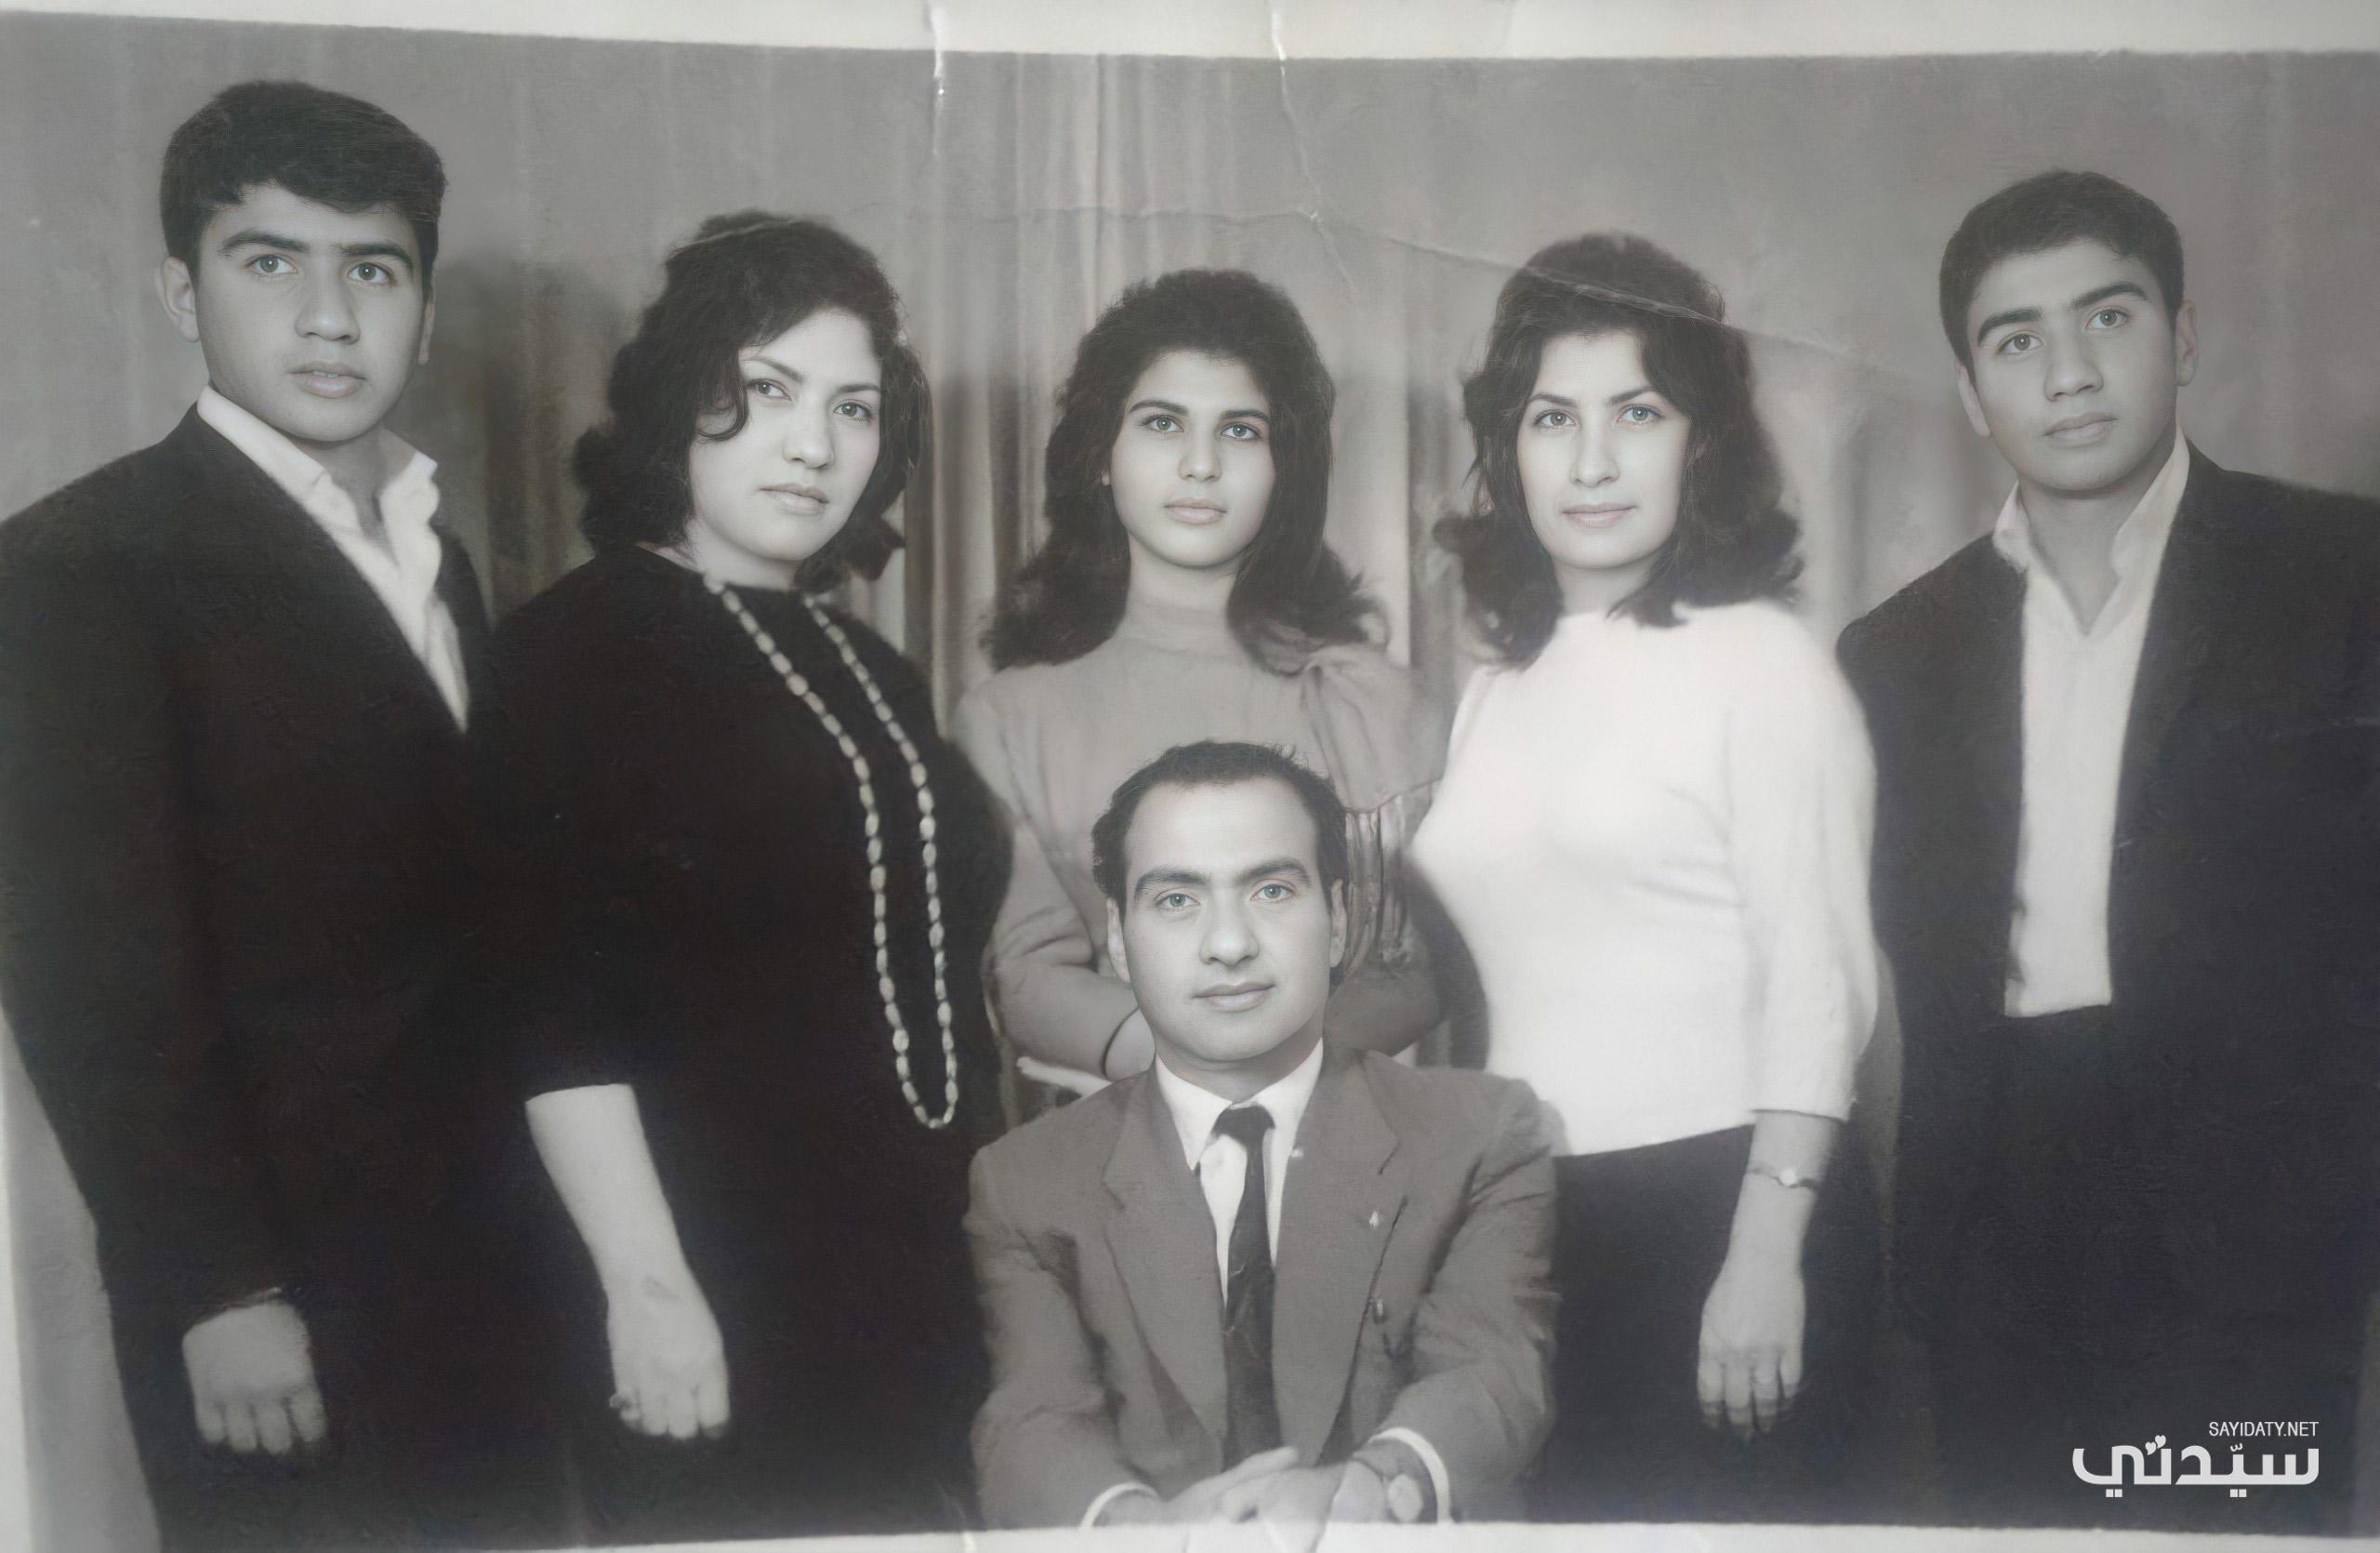 عمر نعامي والد فريال وأخواتها التوأم من والدها وعماتها